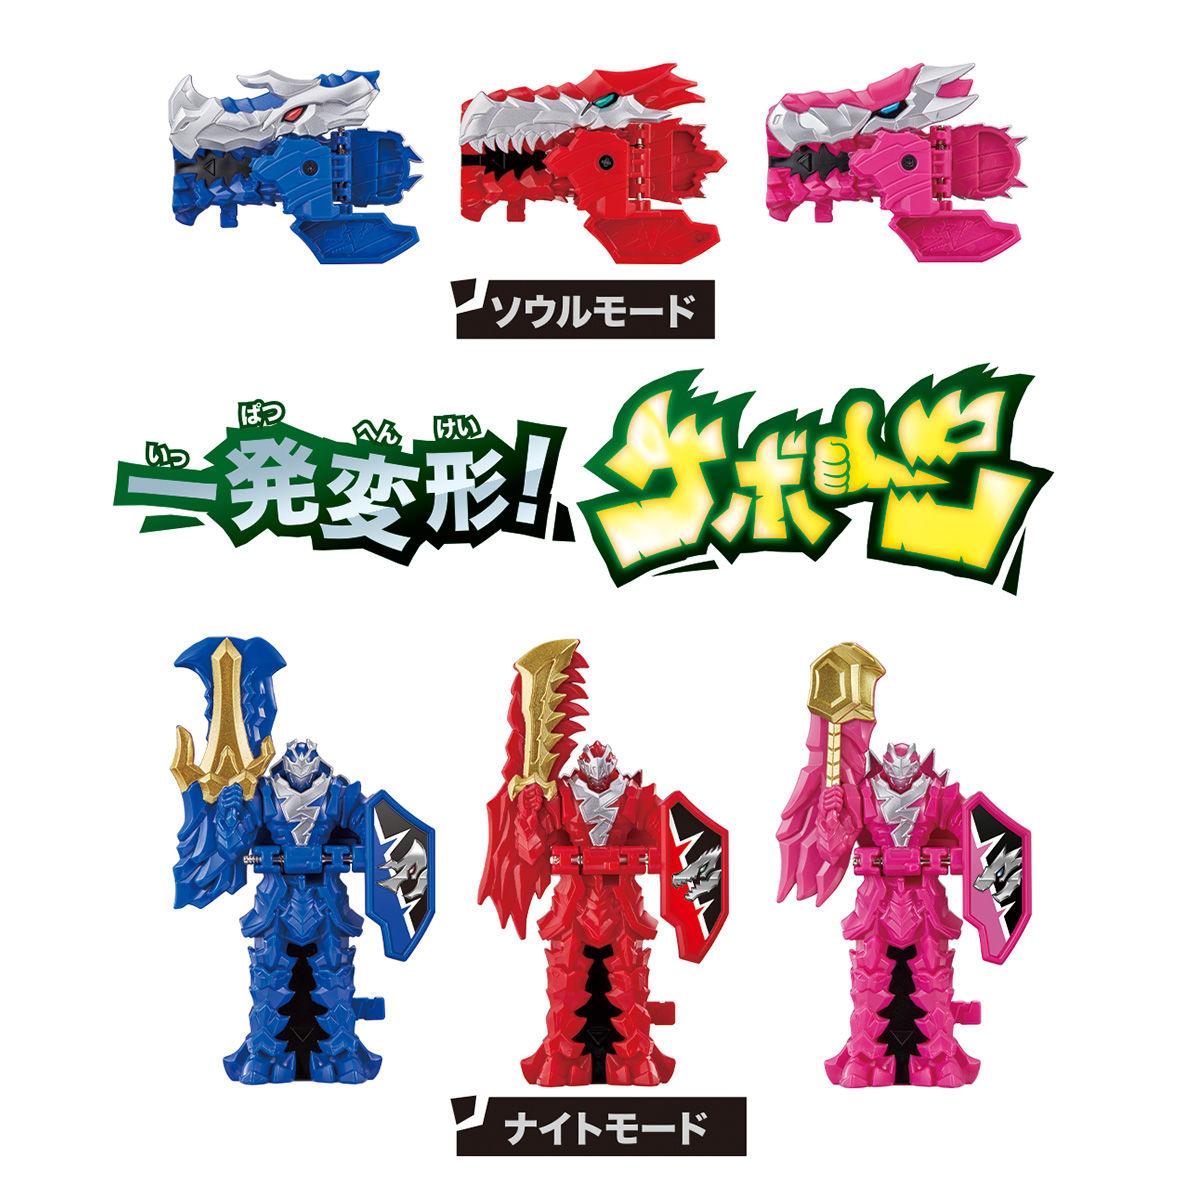 騎士竜戦隊リュウソウジャー『騎士竜シリーズ01&02&03 竜装合体 DXキシリュウオースリーナイツセット』可変可動フィギュア-008